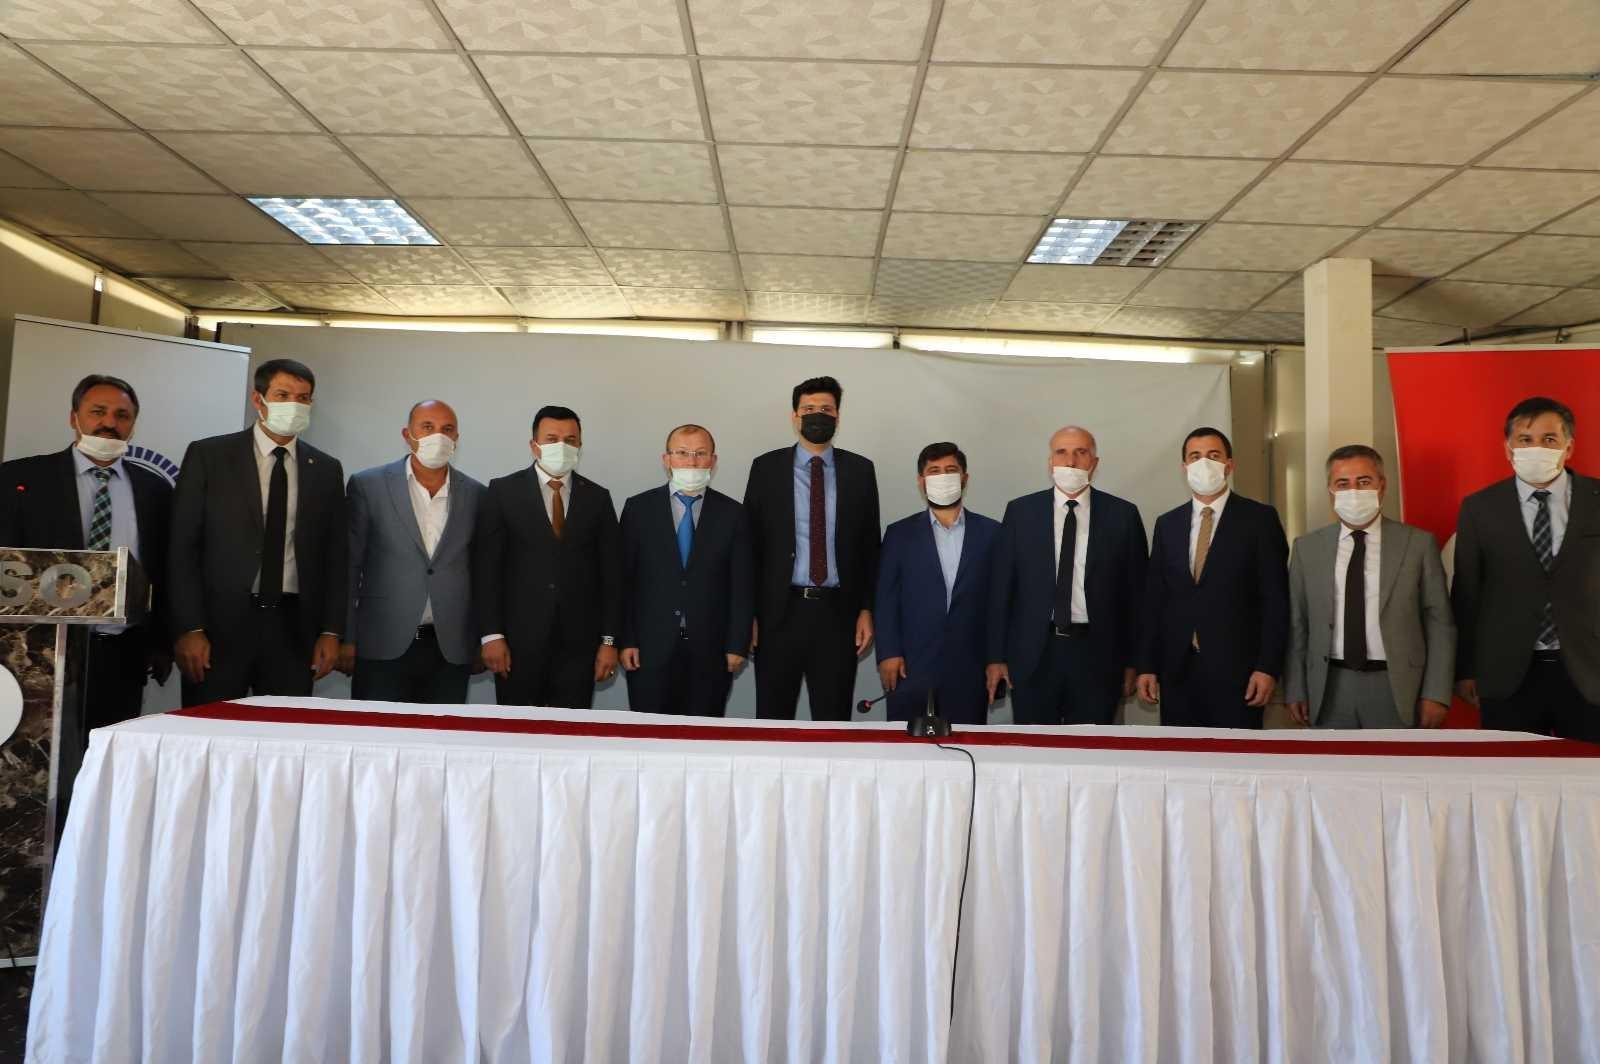 """Hakkâri'de """"İslam'da Ticaret Ahlakı ve Helal kazanç"""" konulu konferans #hakkari"""